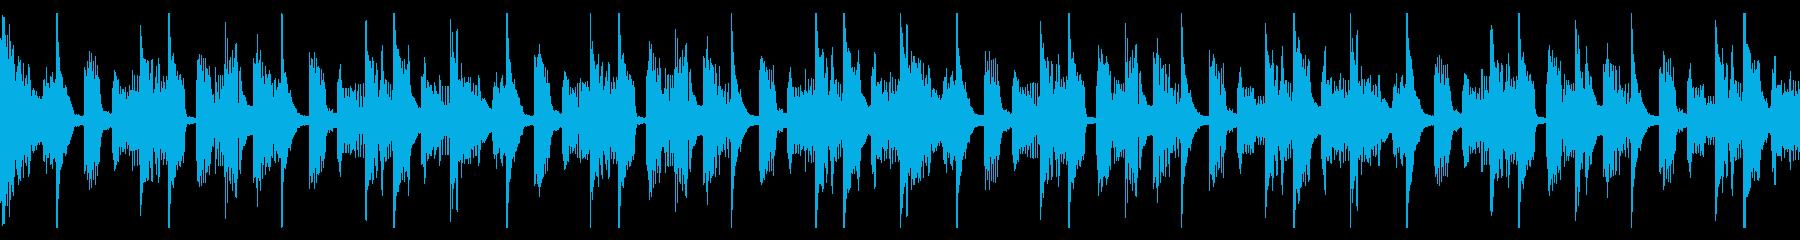 ポップな電子音曲のループの再生済みの波形